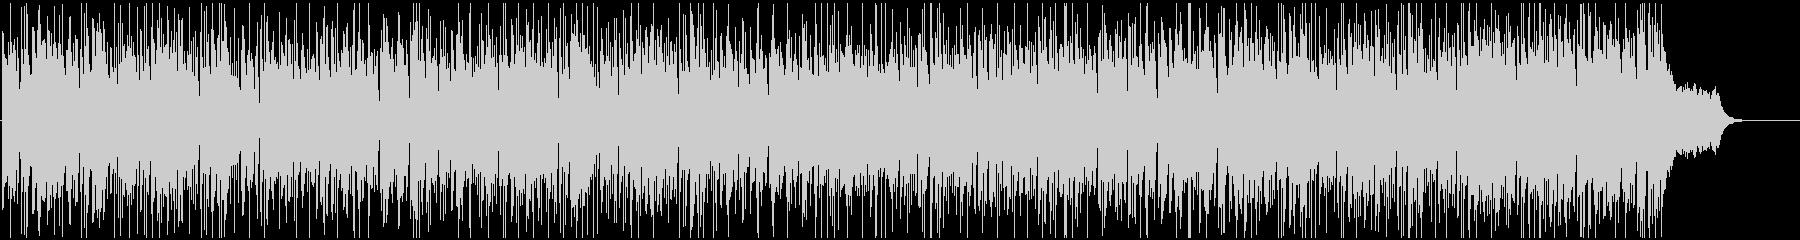 ドラムが軽快で活動的なBGMの未再生の波形